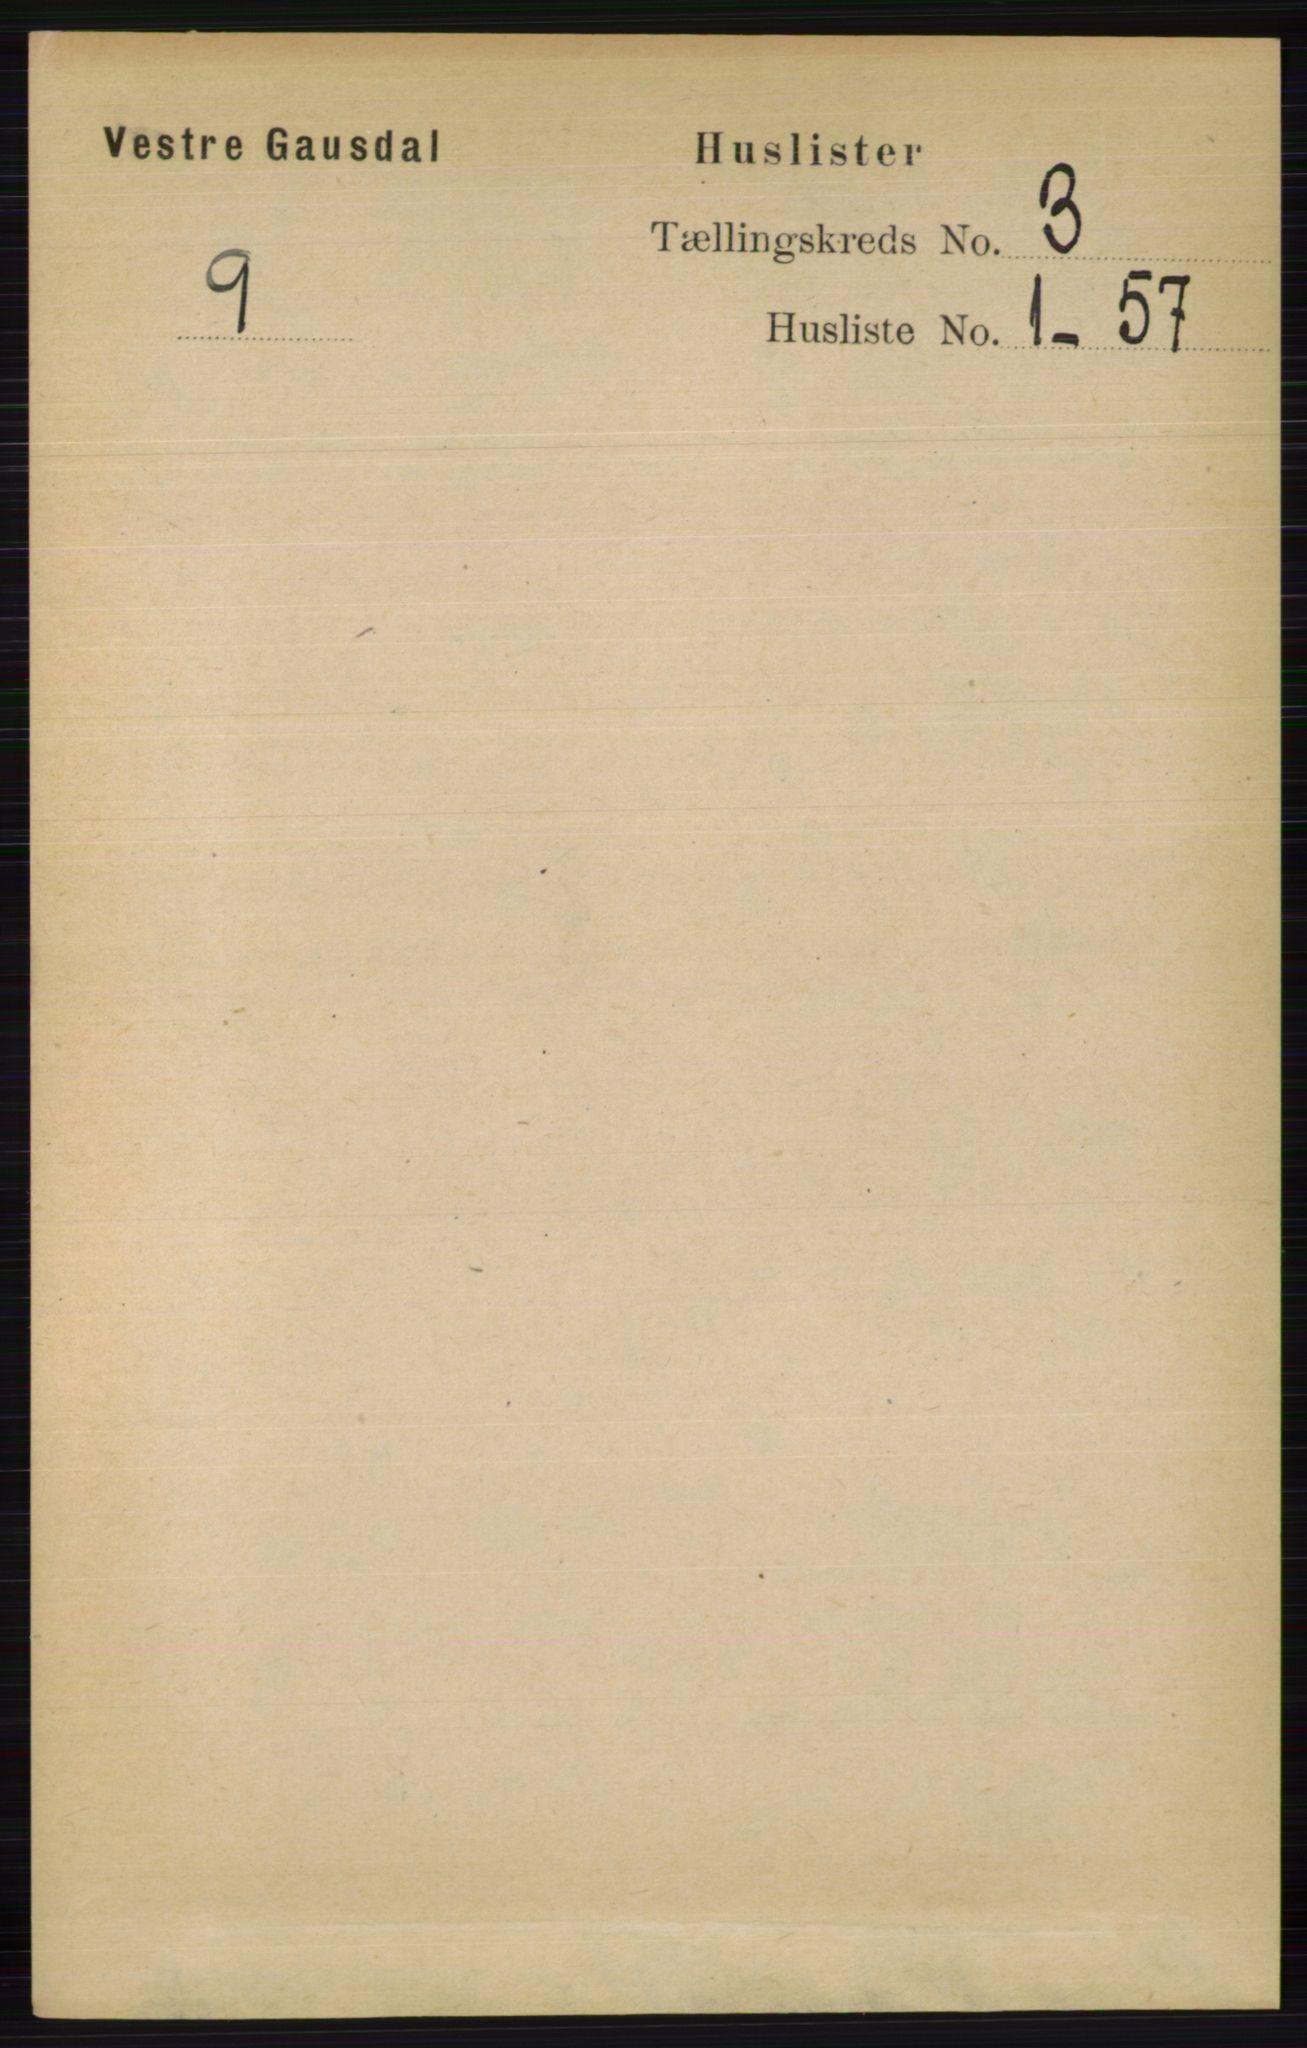 RA, Folketelling 1891 for 0523 Vestre Gausdal herred, 1891, s. 1194